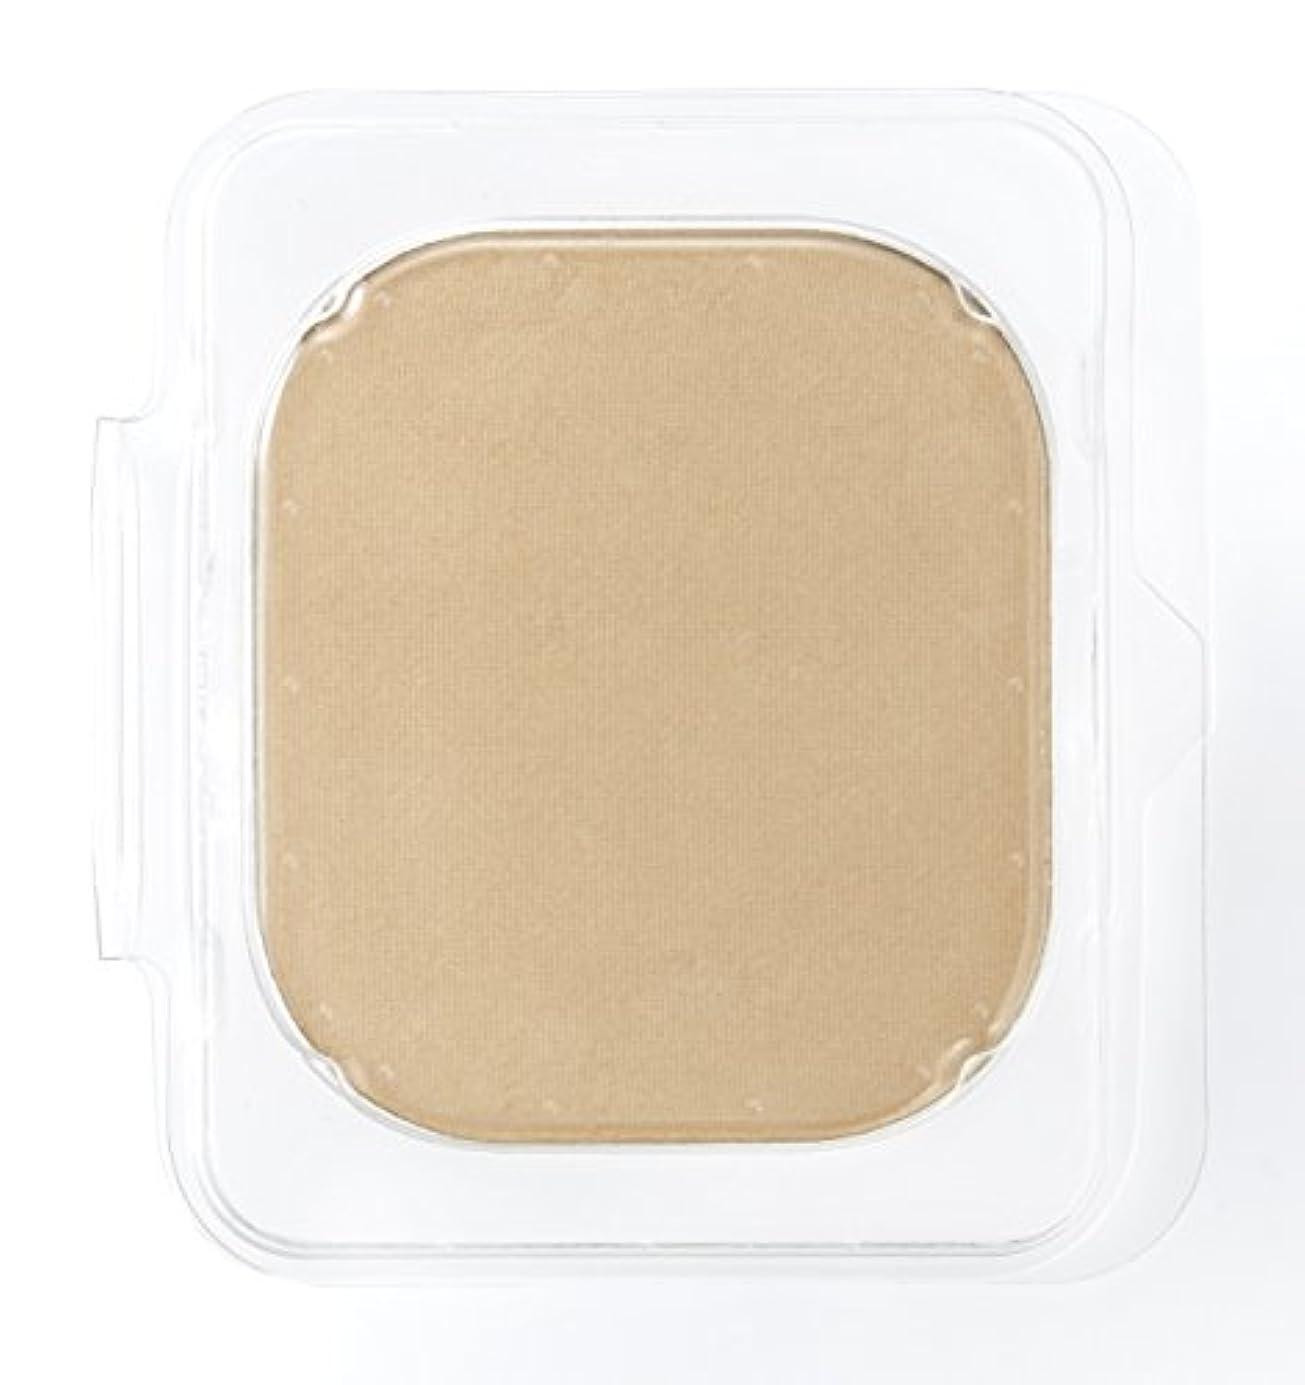 塗抹不規則なリストオンリーミネラル 薬用美白ミネラルクリアUVファンデーション レフィル ライトオークル 10g